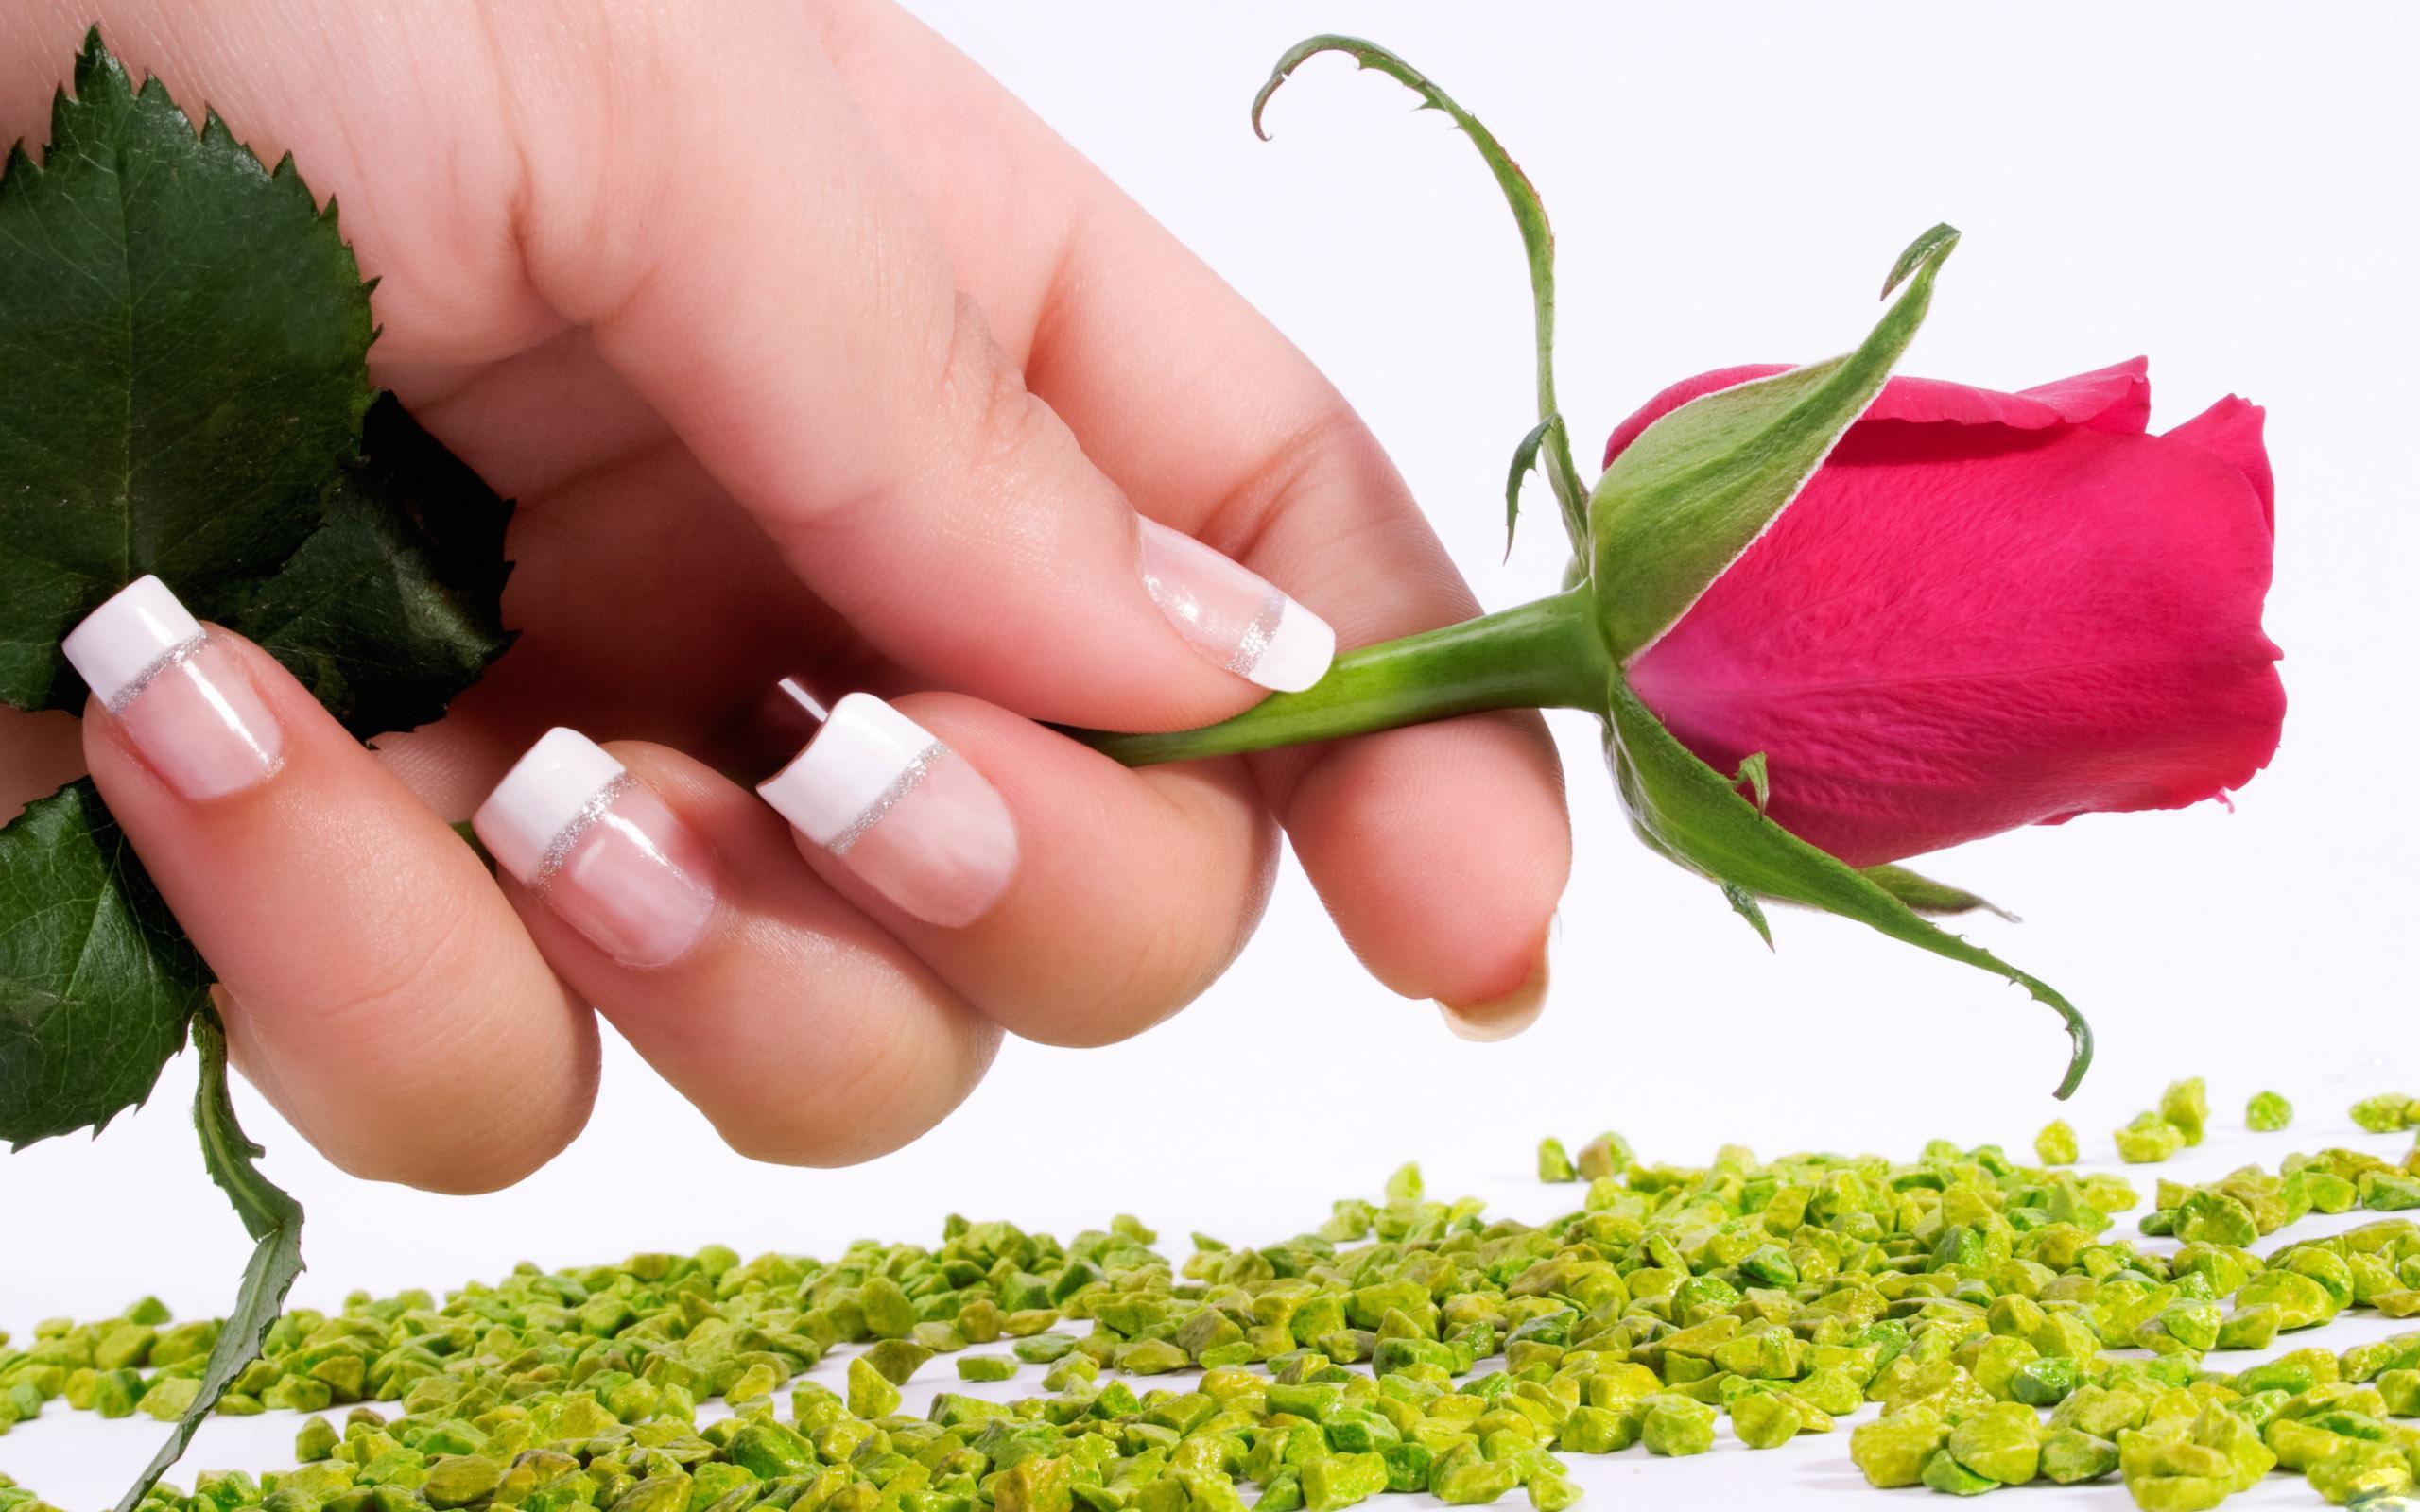 Fond D Ecran Rose Fleur Main Manucures Des Pierres 2560x1600